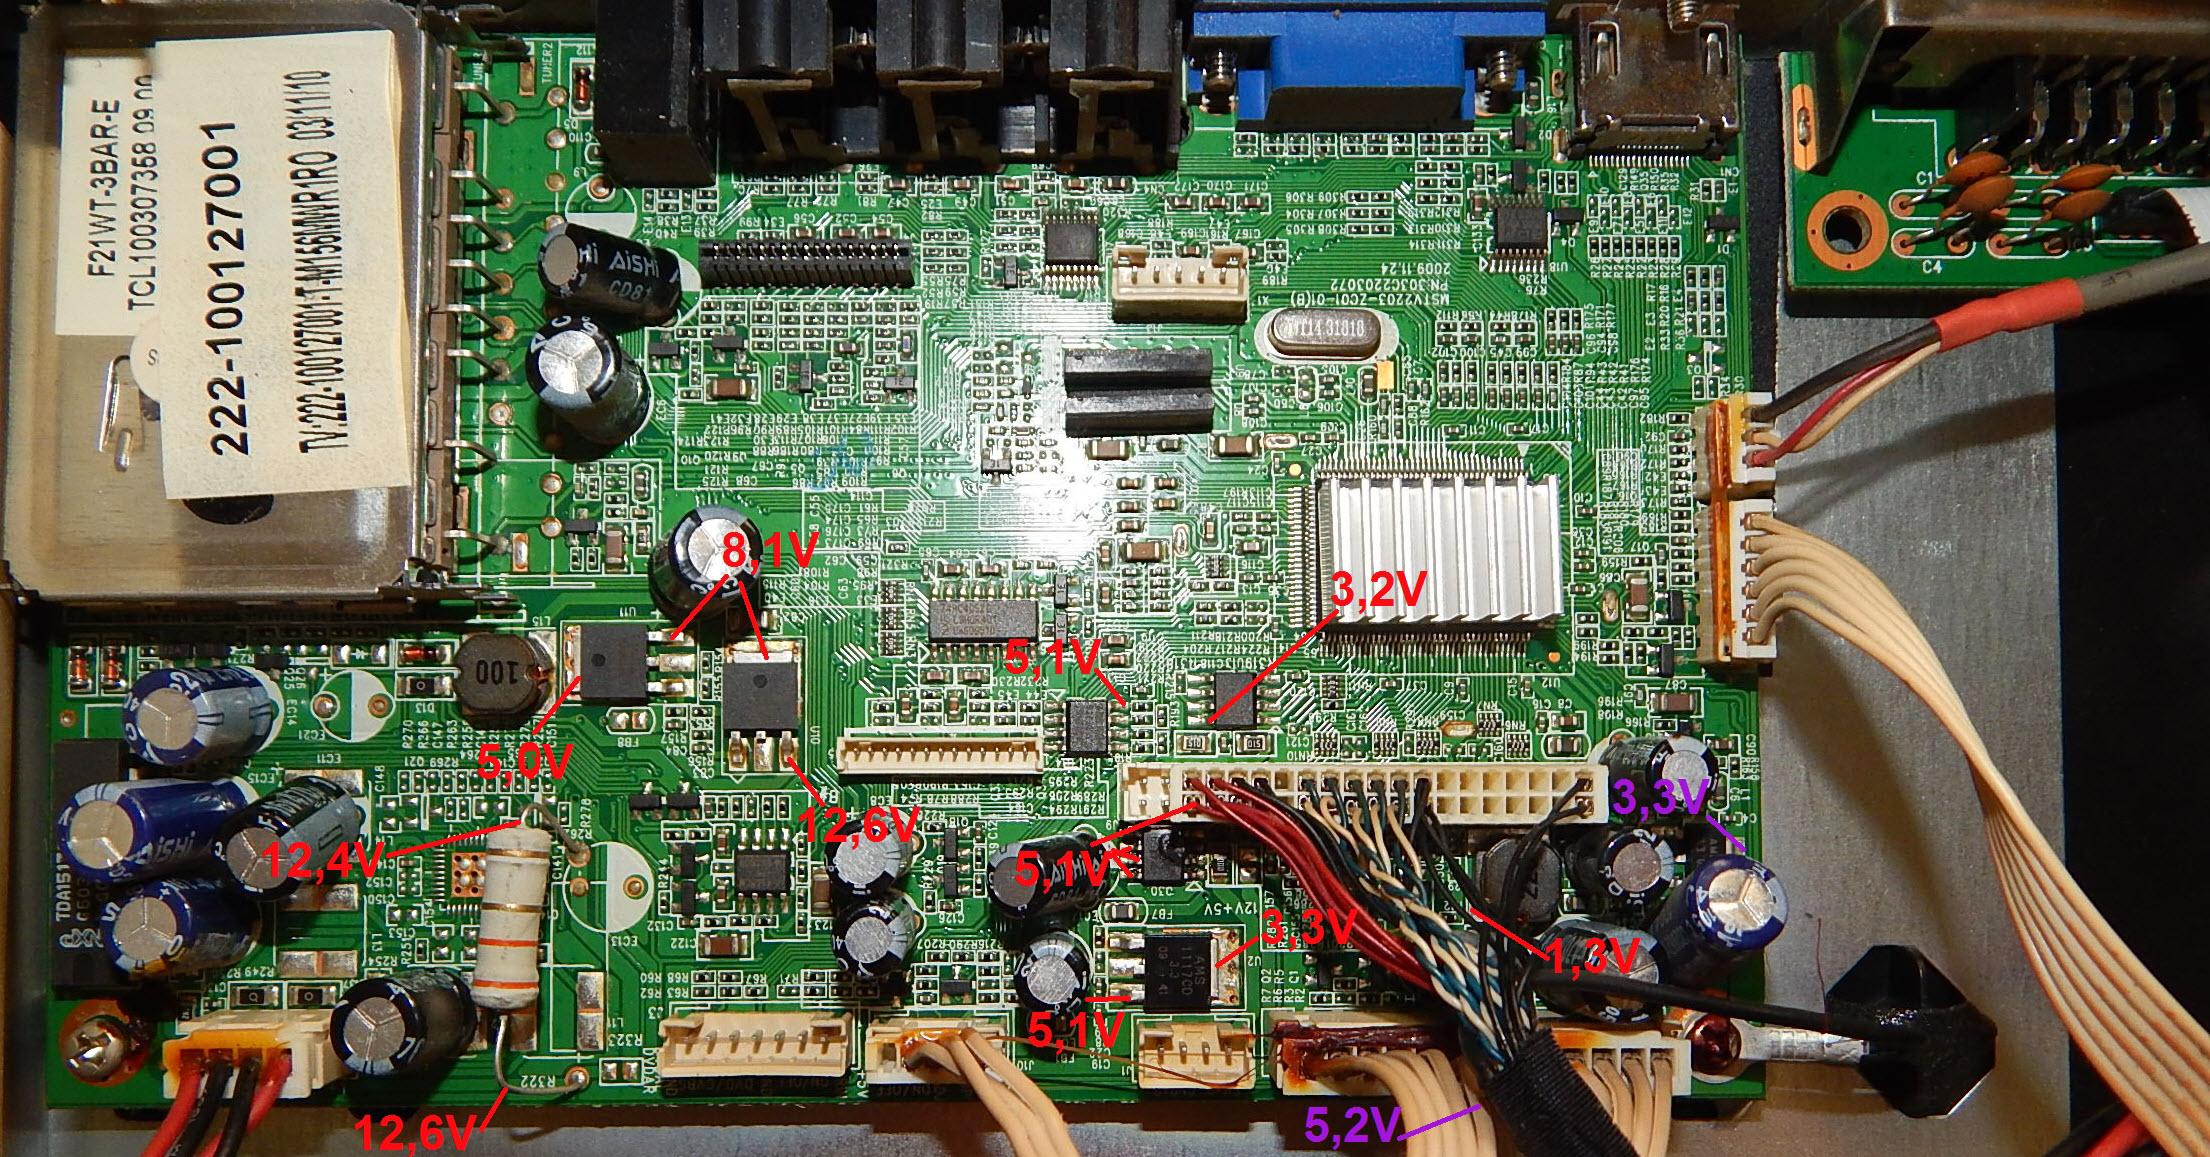 Схема tv1901-zc02-01 и